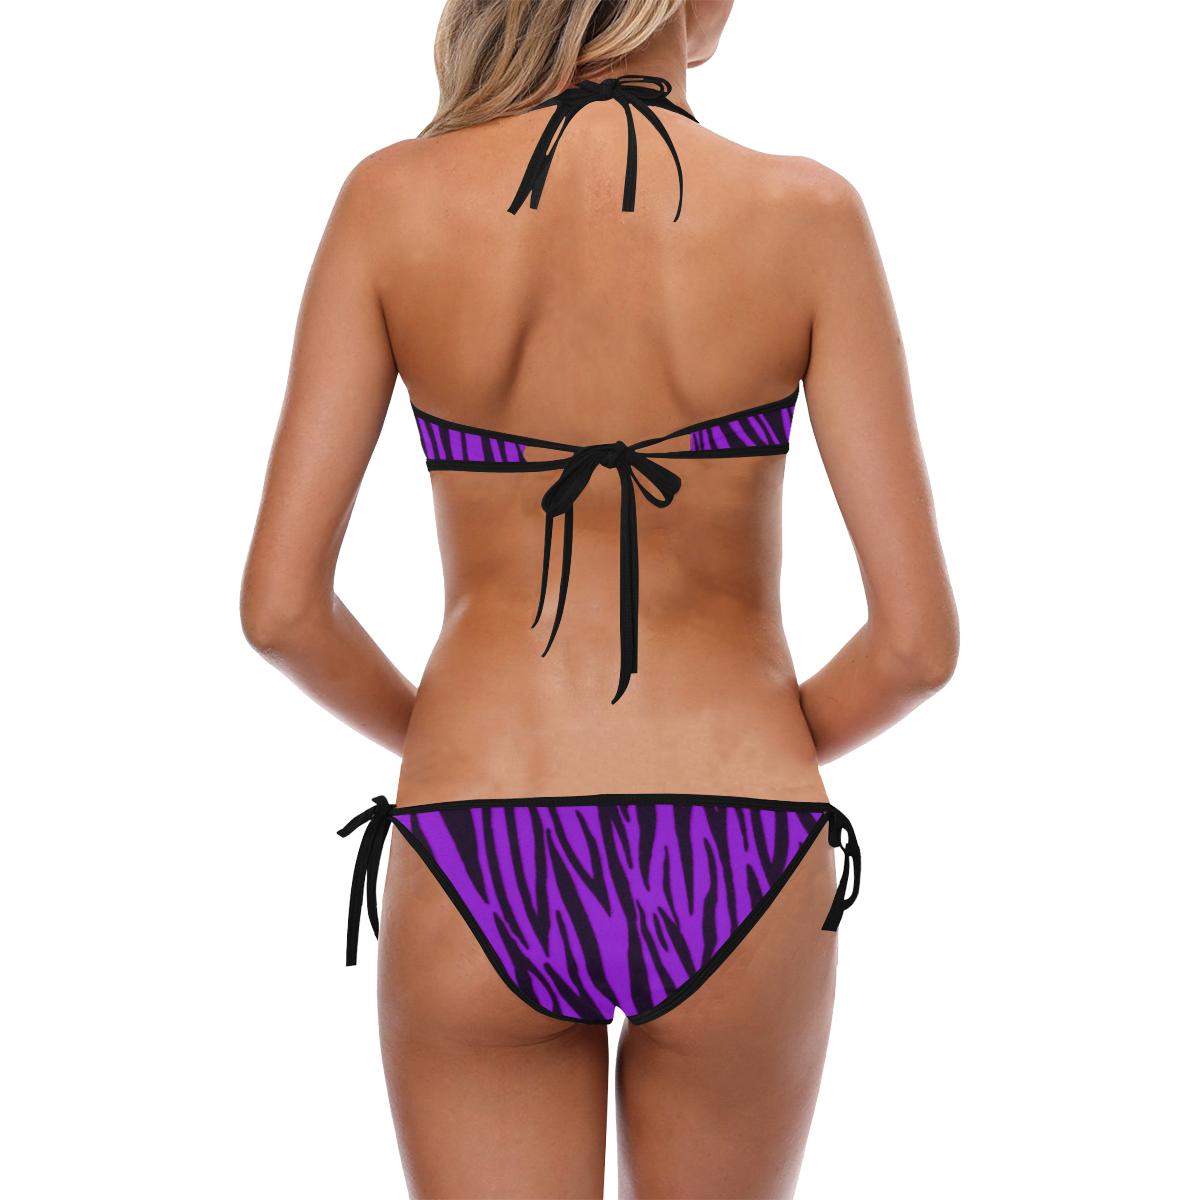 Purple Zebra Pattern Custom Halter & Side Tie Bikini Swimsuit (Model S06)